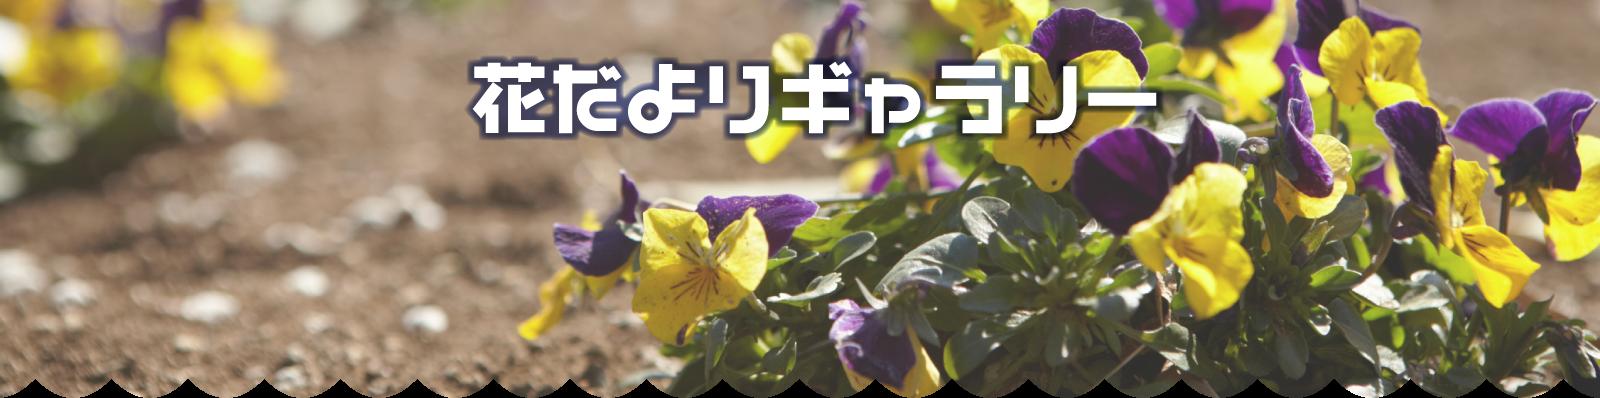 梅の花 開花情報2018